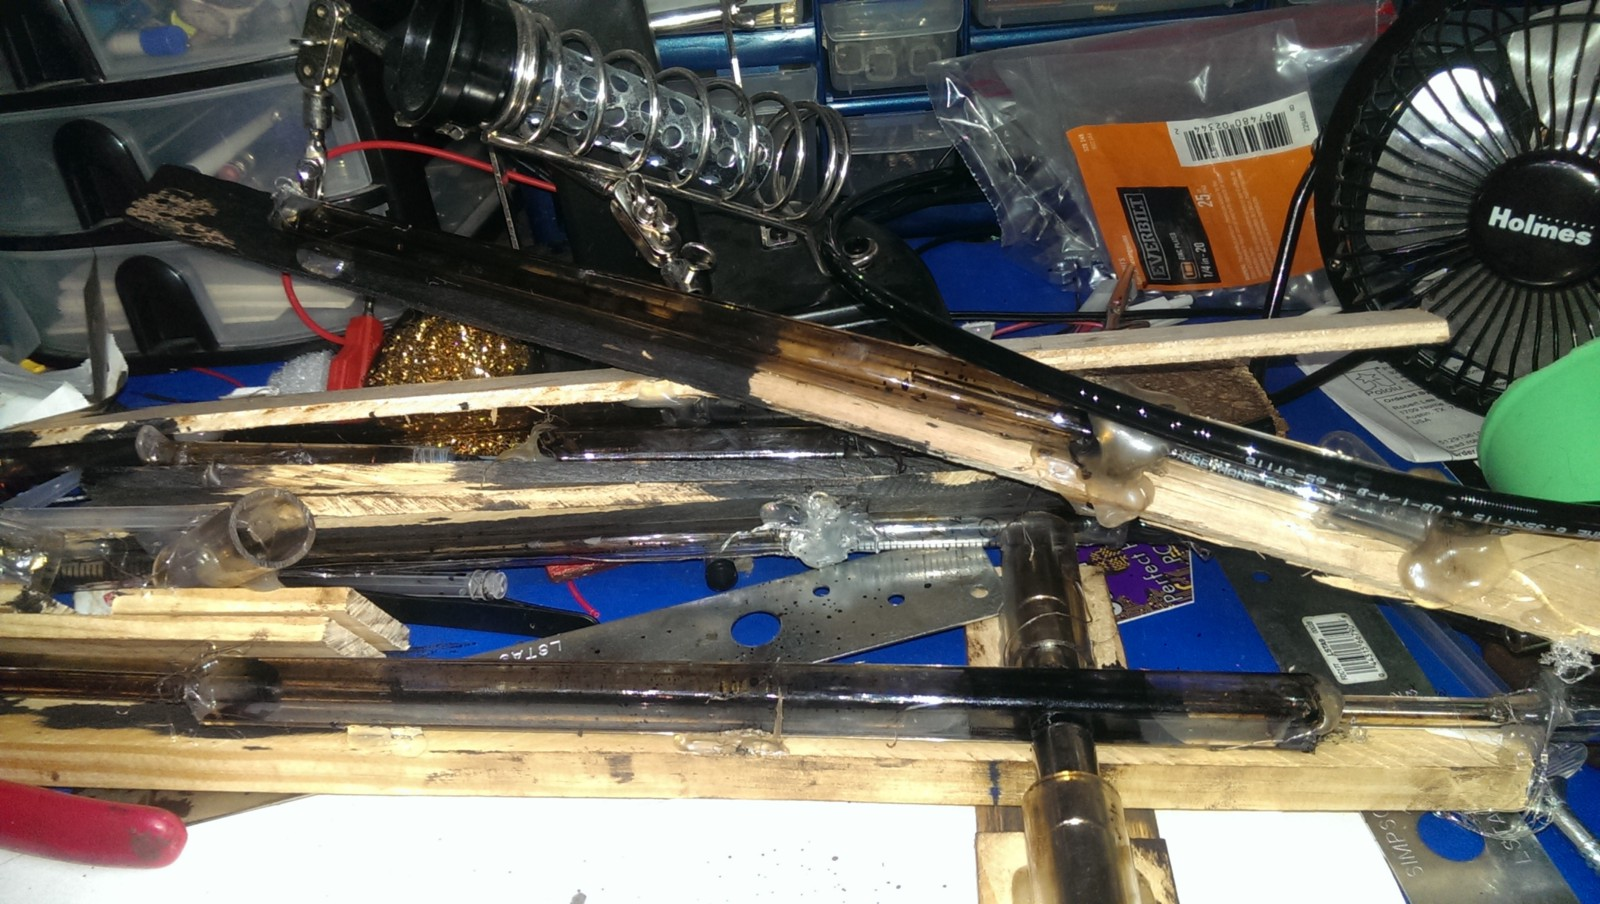 /failed-experiments-with-ferrofluid-742fa13b0ae1 feature image